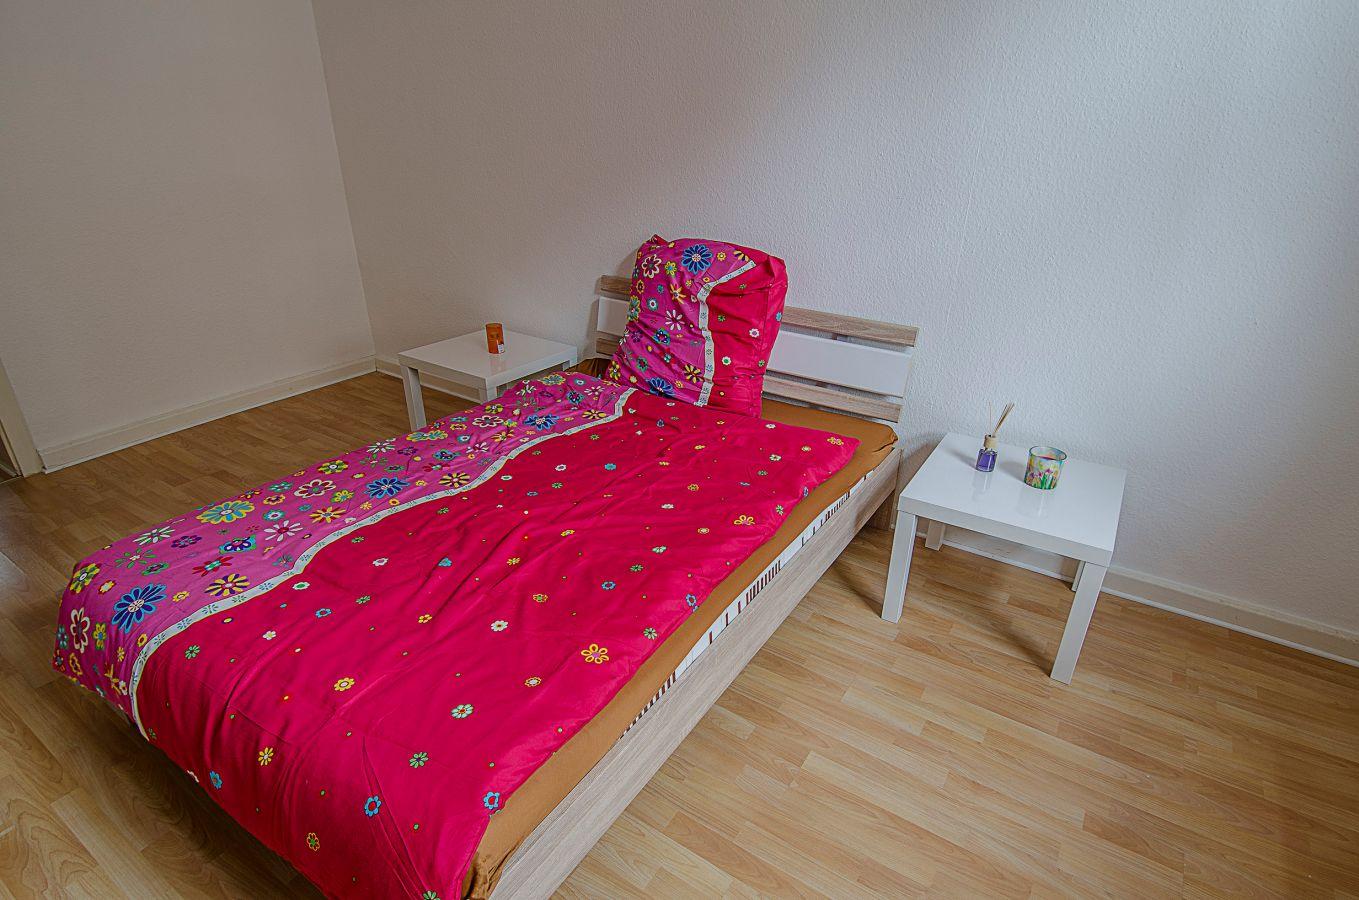 Fotos Bilder von Top Wohnung Vermietung von Arbeitswohnungen für Shemales Transen TS TV Ladies in Düsseldorf Zentrum